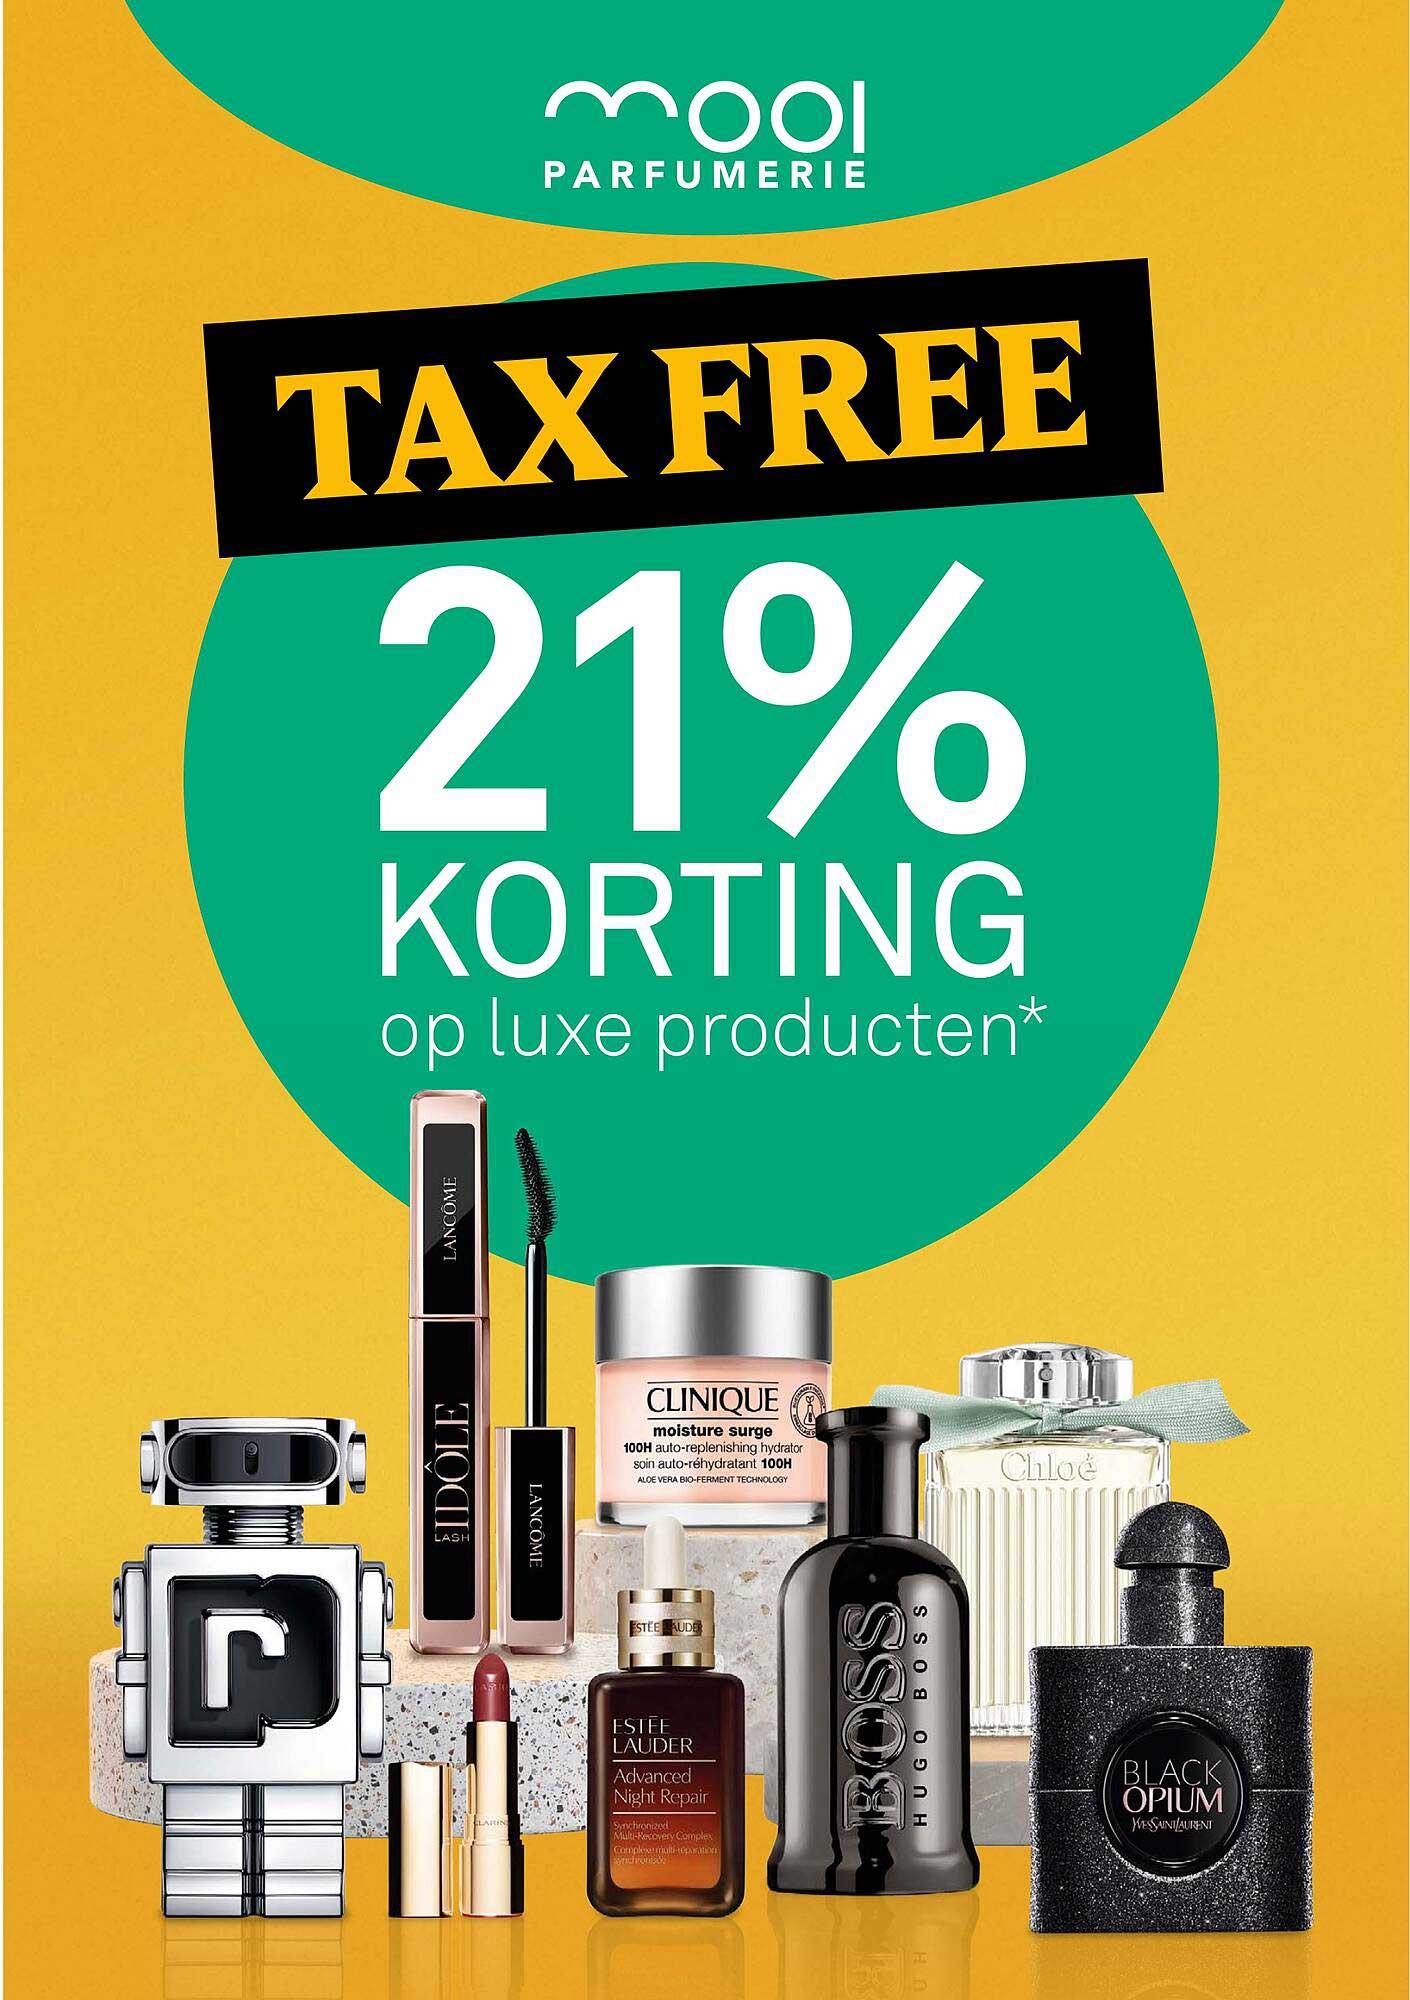 MOOI Parfumerie Op Luxe Producten 21% Korting